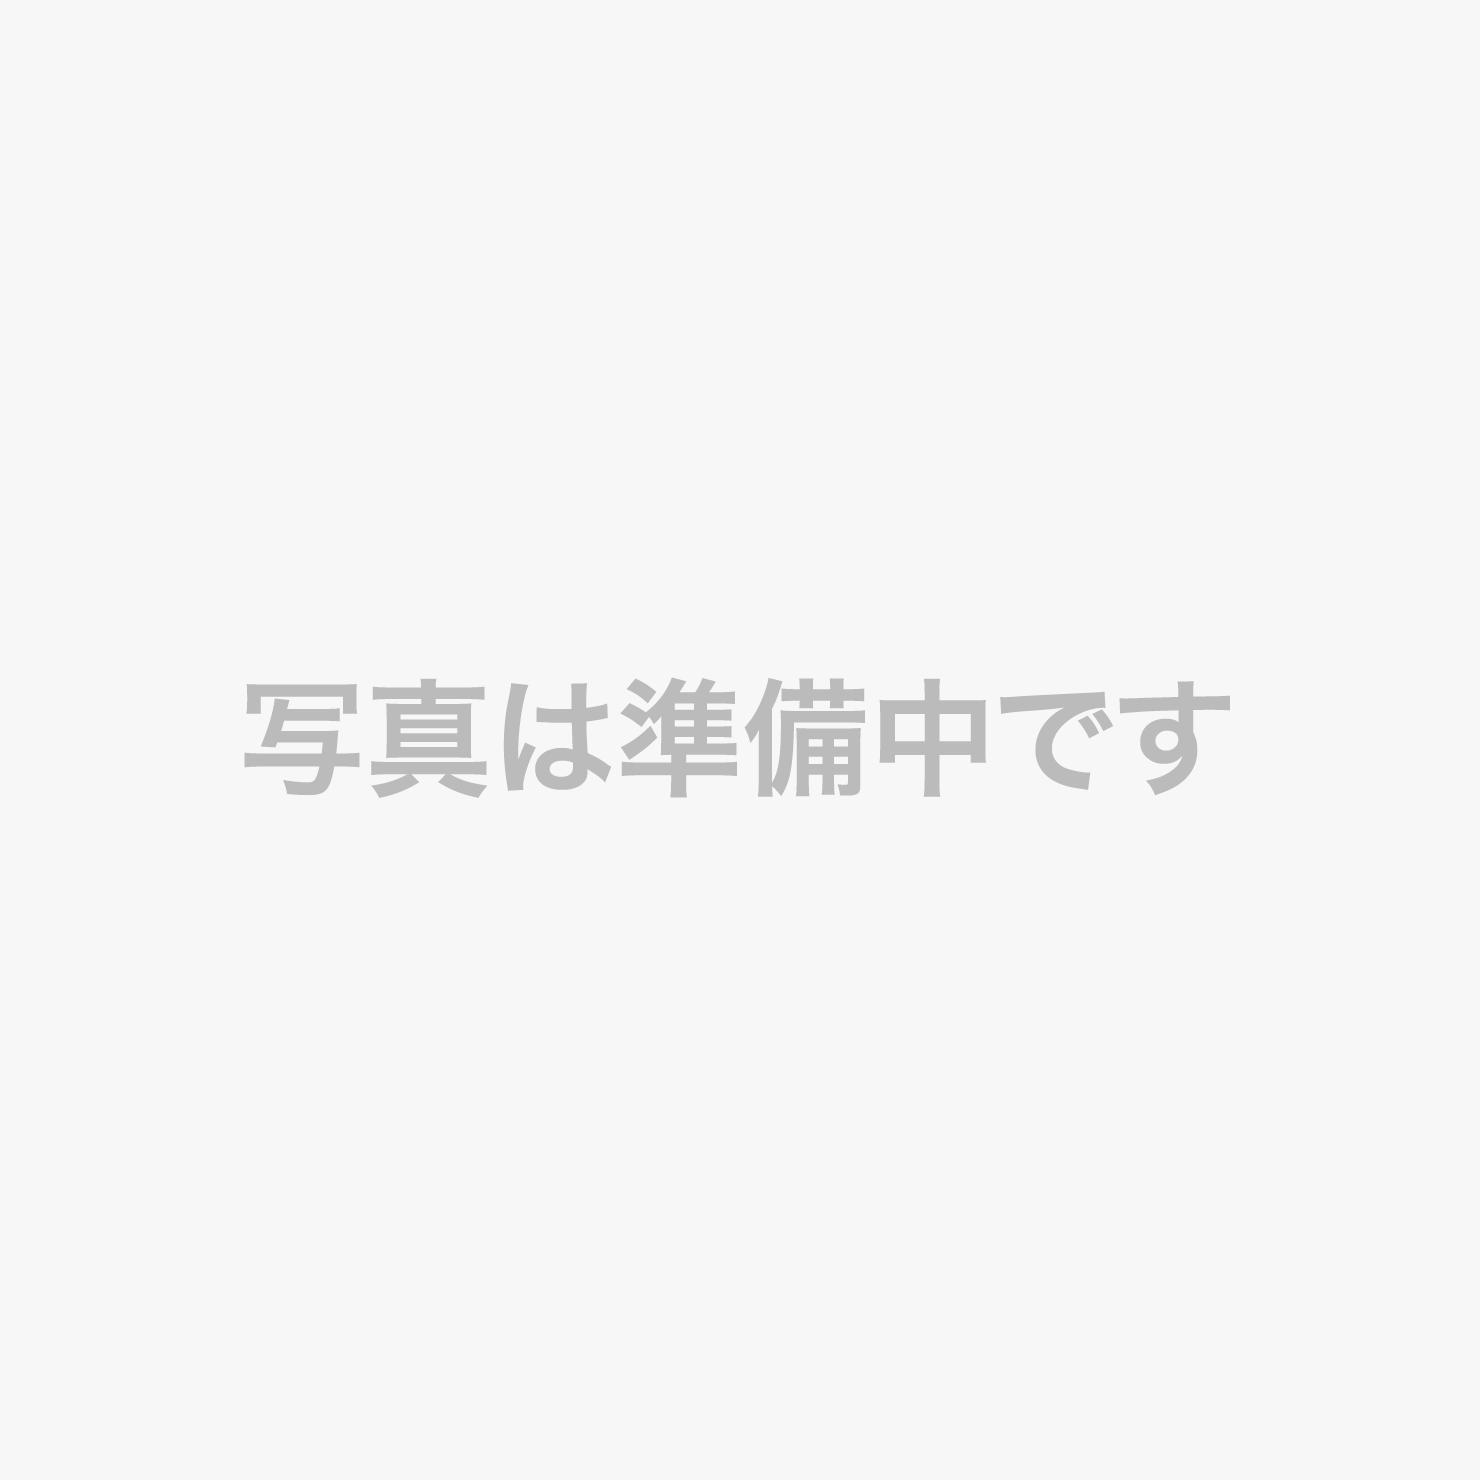 オムライス(夕食メニュー一部)